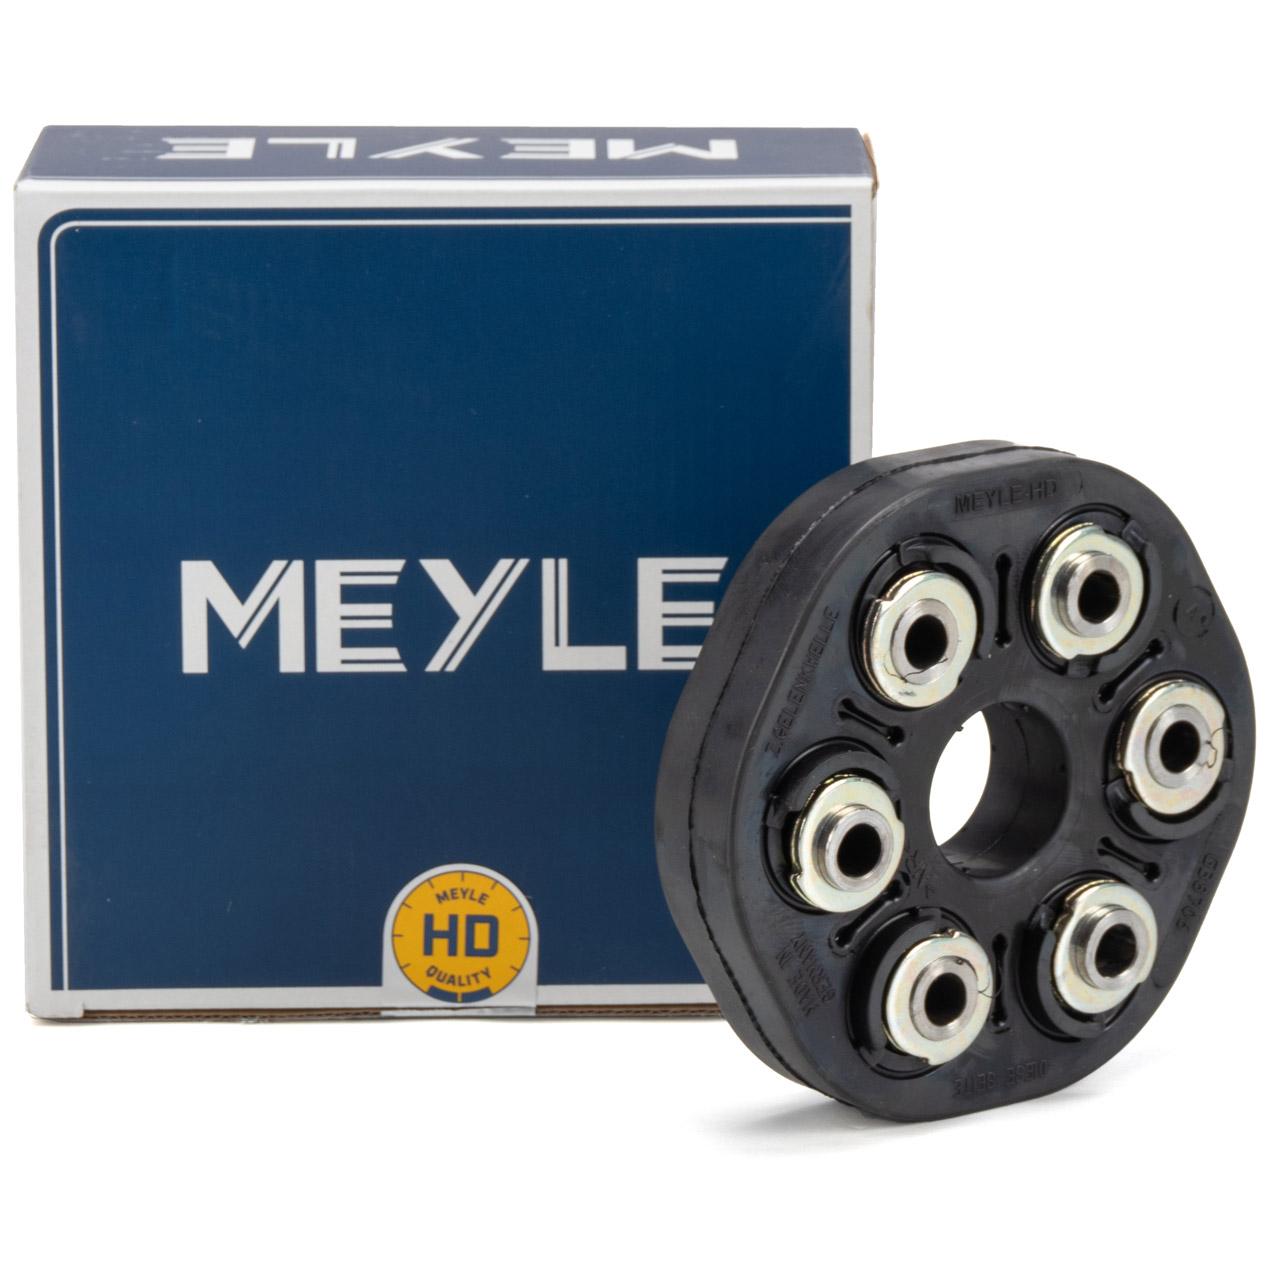 MEYLE HD 0141523117HD VERSTÄRKT Gelenkscheibe MERCEDES W202 W210 200-220 D 2024110515